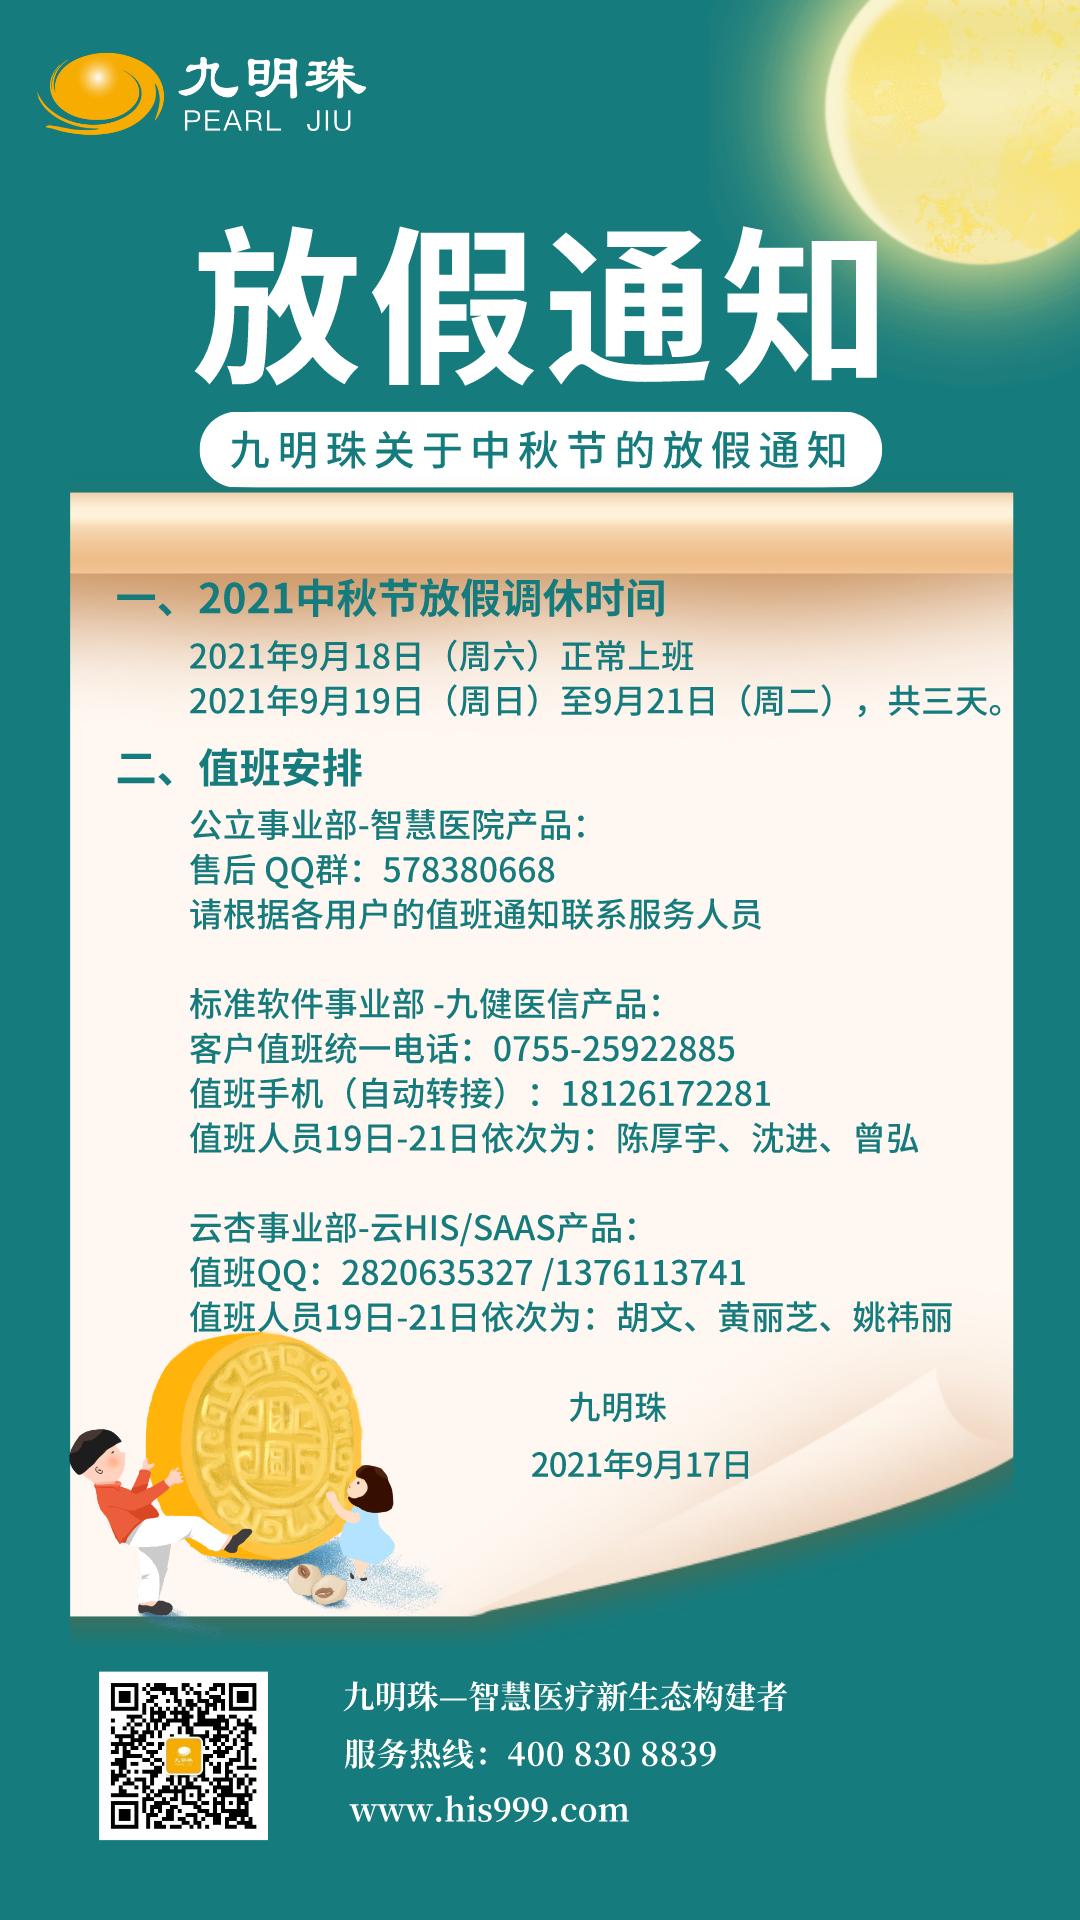 通知九明珠2021年中秋节值班安排